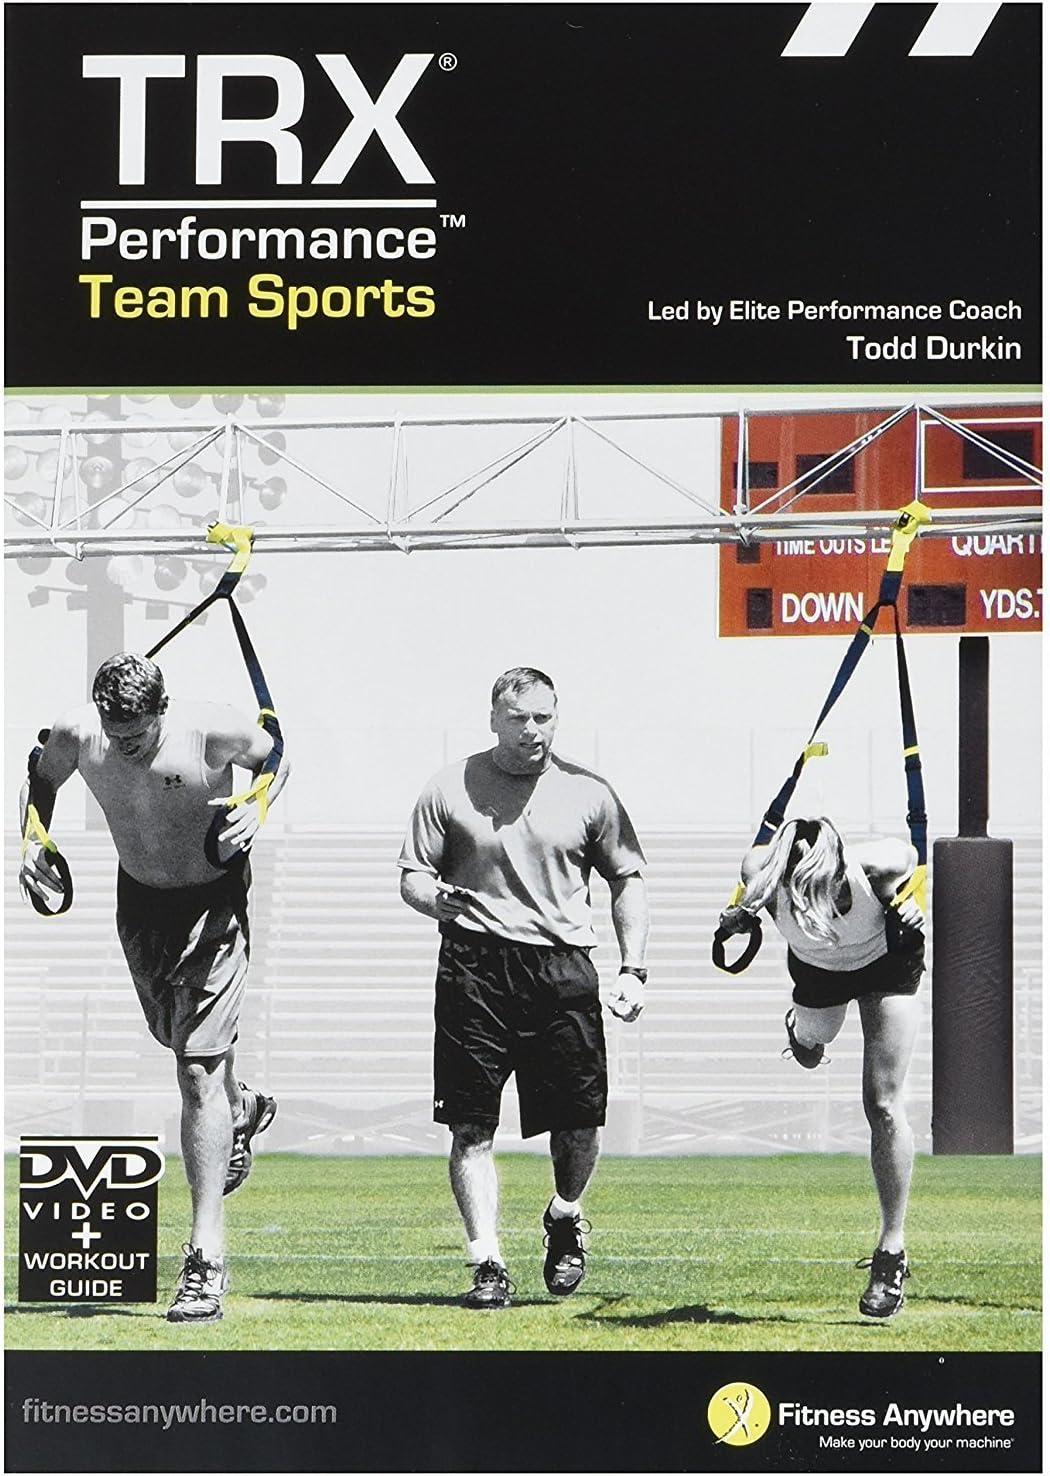 TRX 8363 - Rendimiento Deportes de equipo, vídeo de entrenamiento de la fuerza y acondicionamiento para equipos deportivos